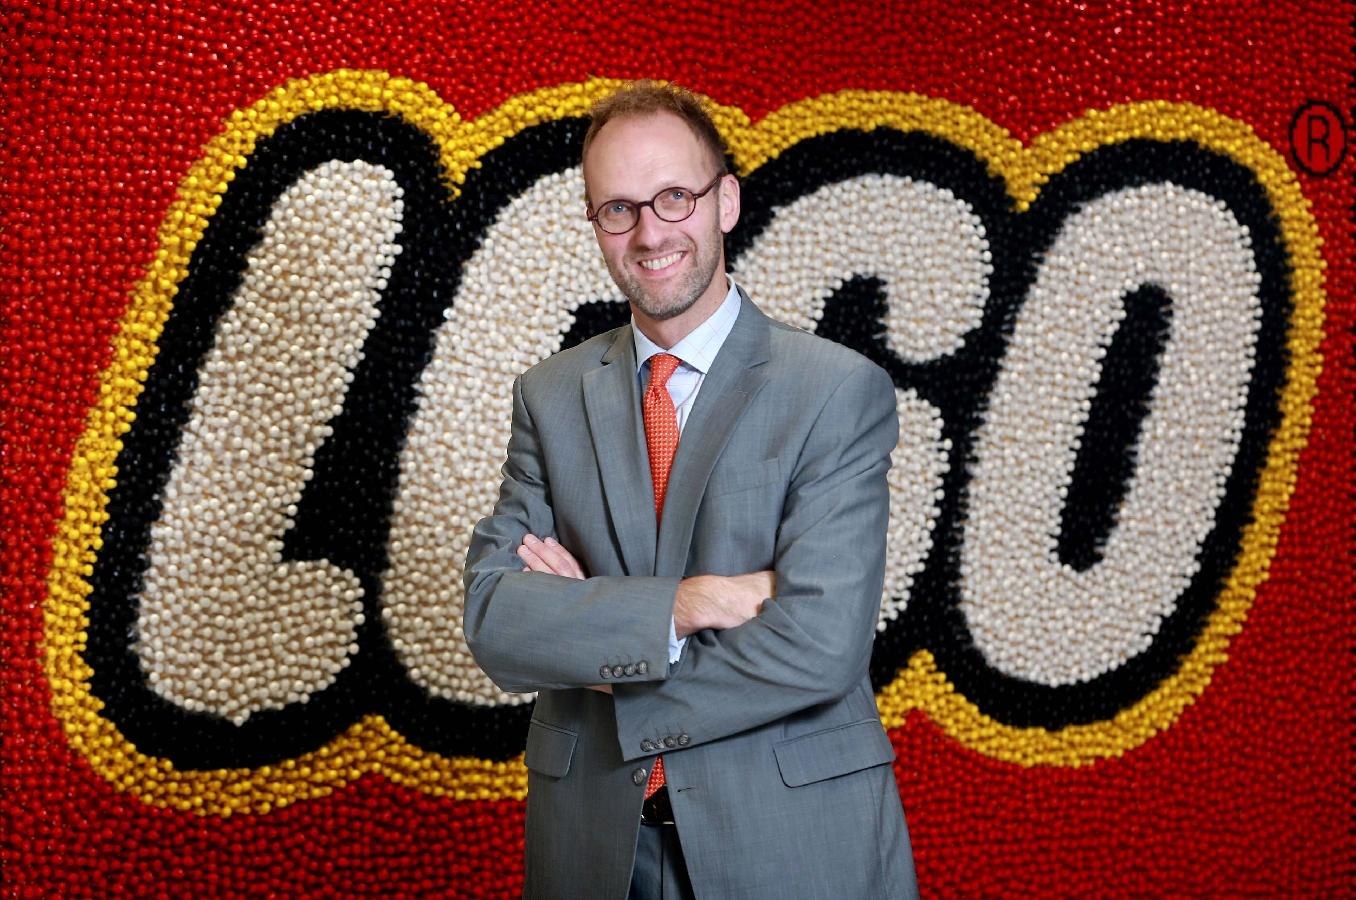 lego CEO_121564